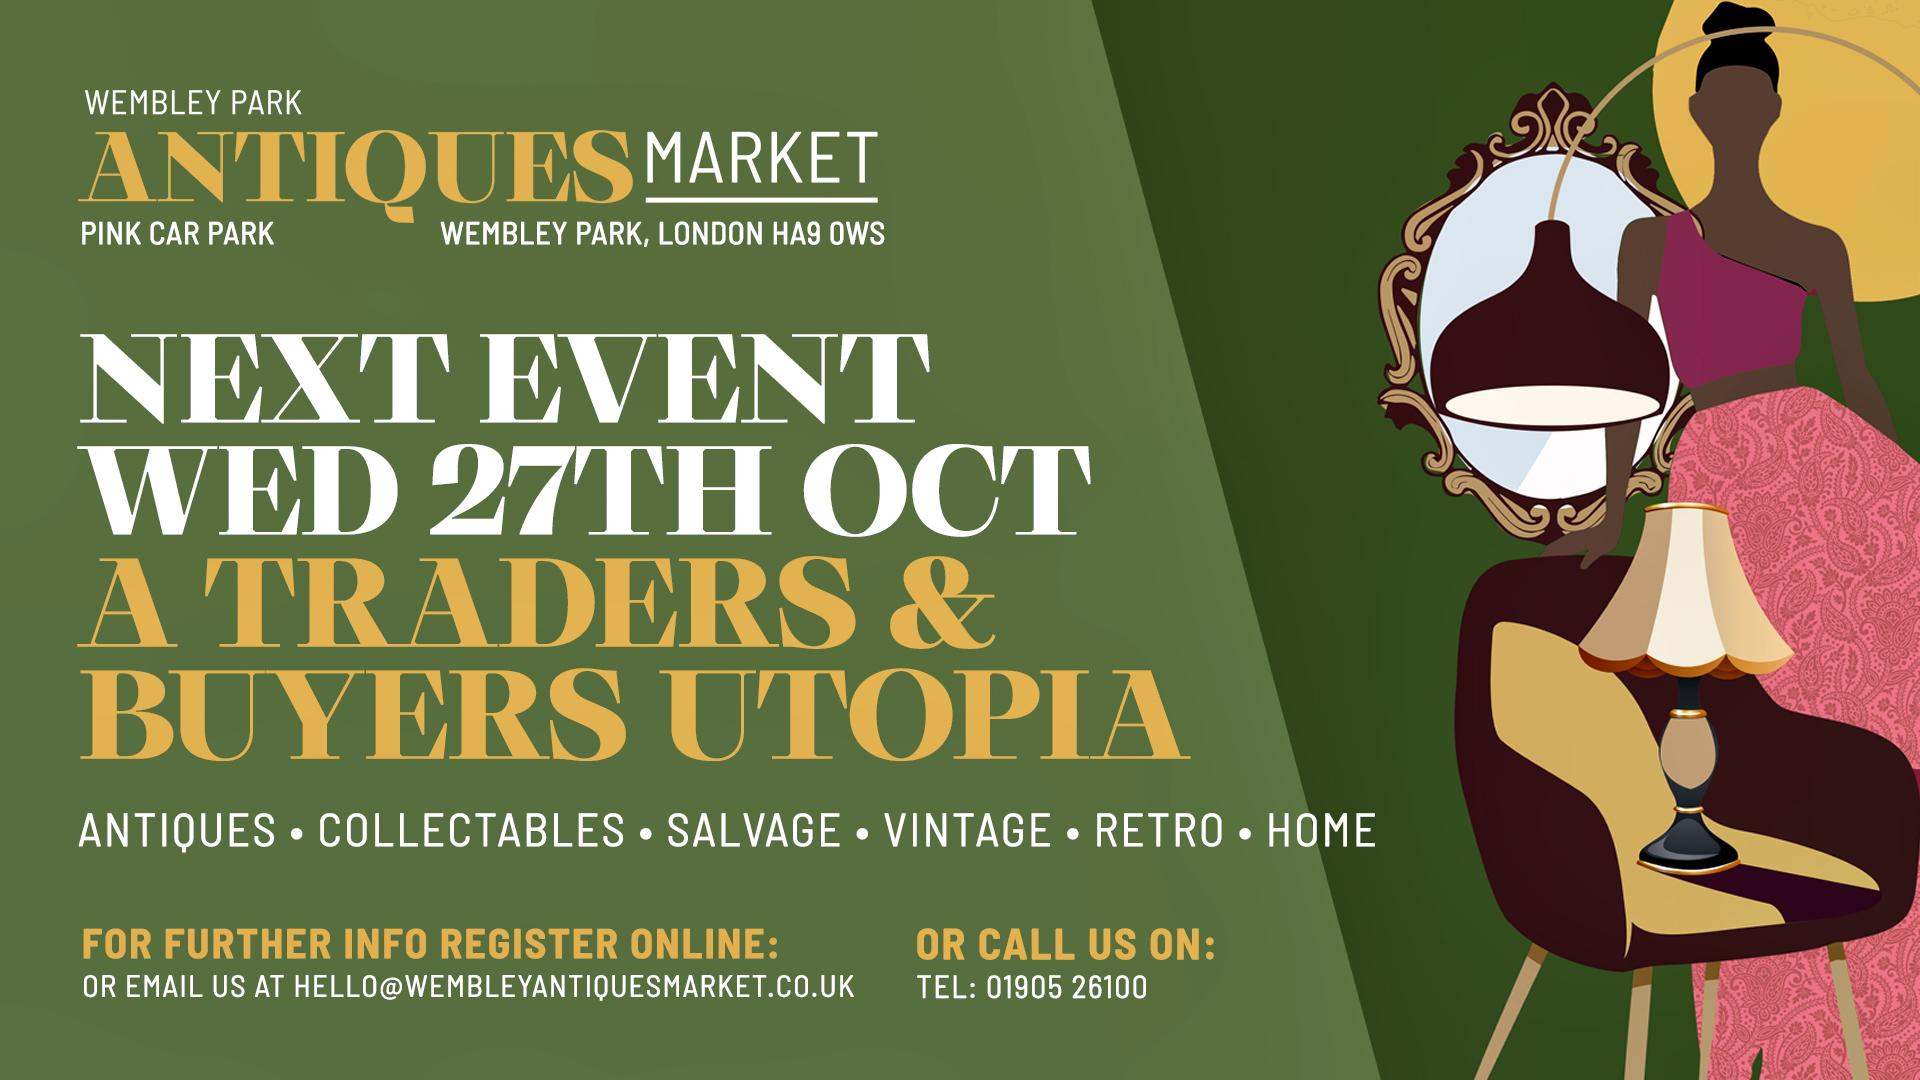 Wembley Antiques Market